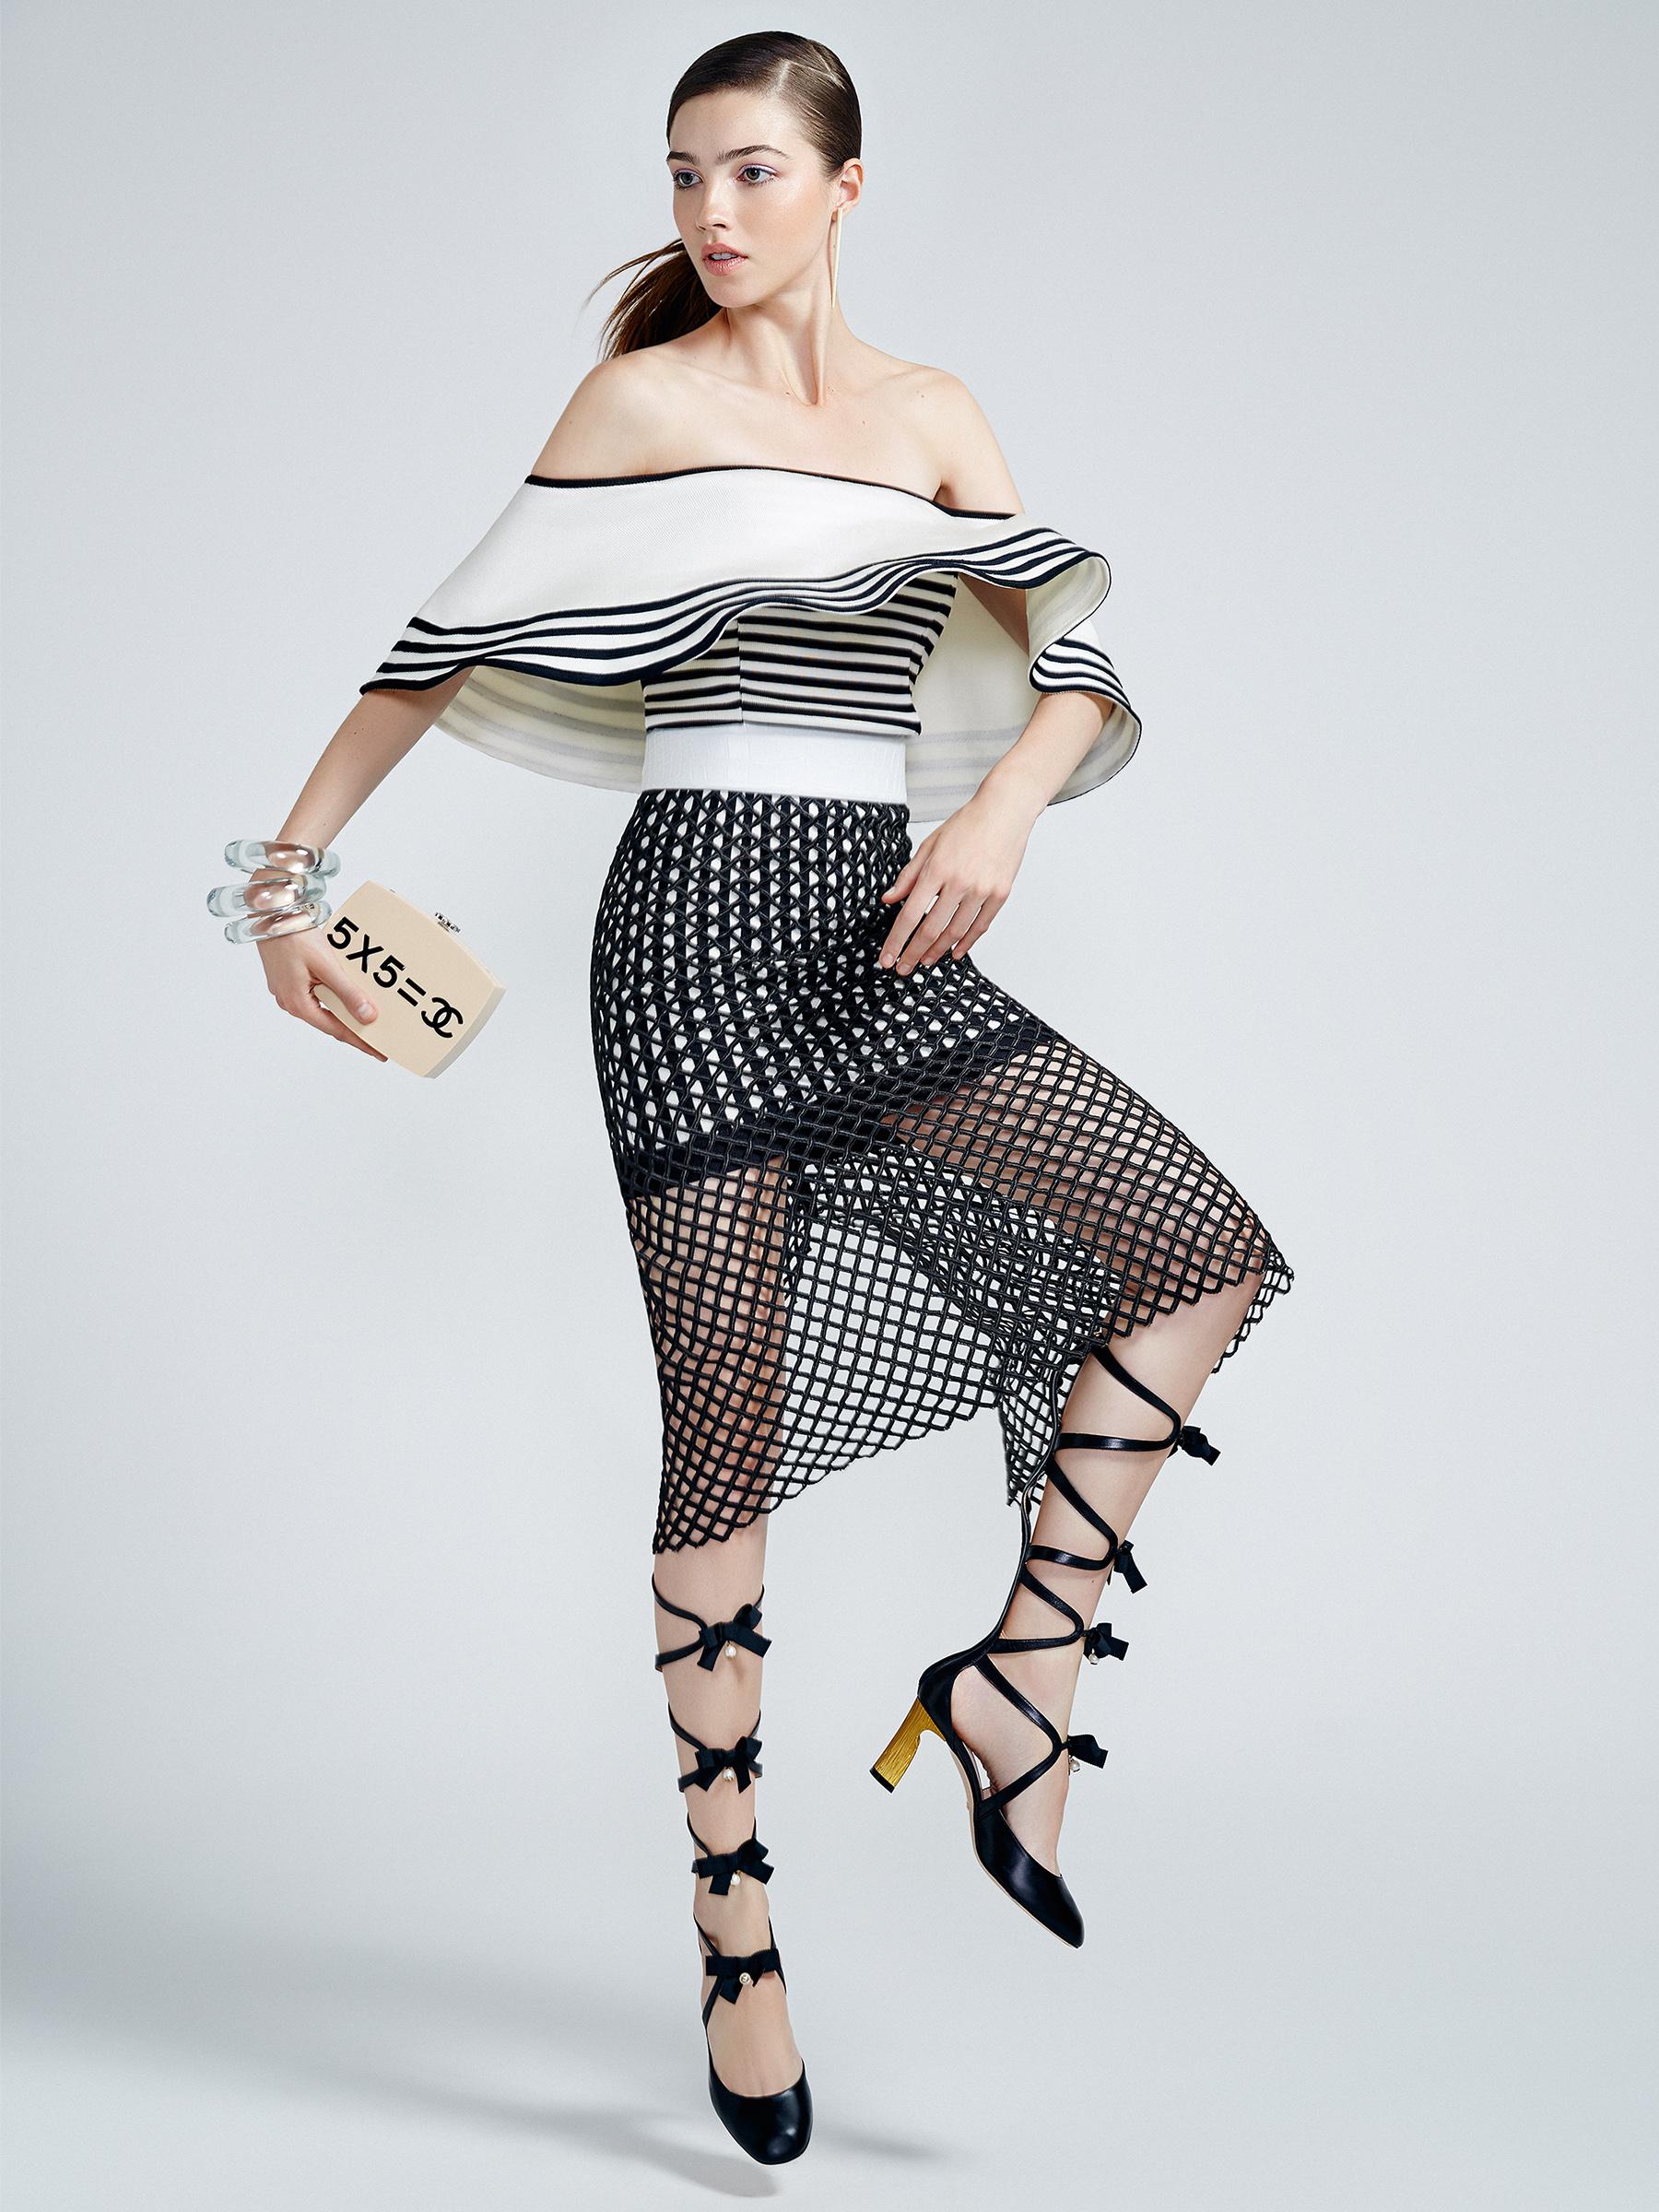 Vogue - Laureen